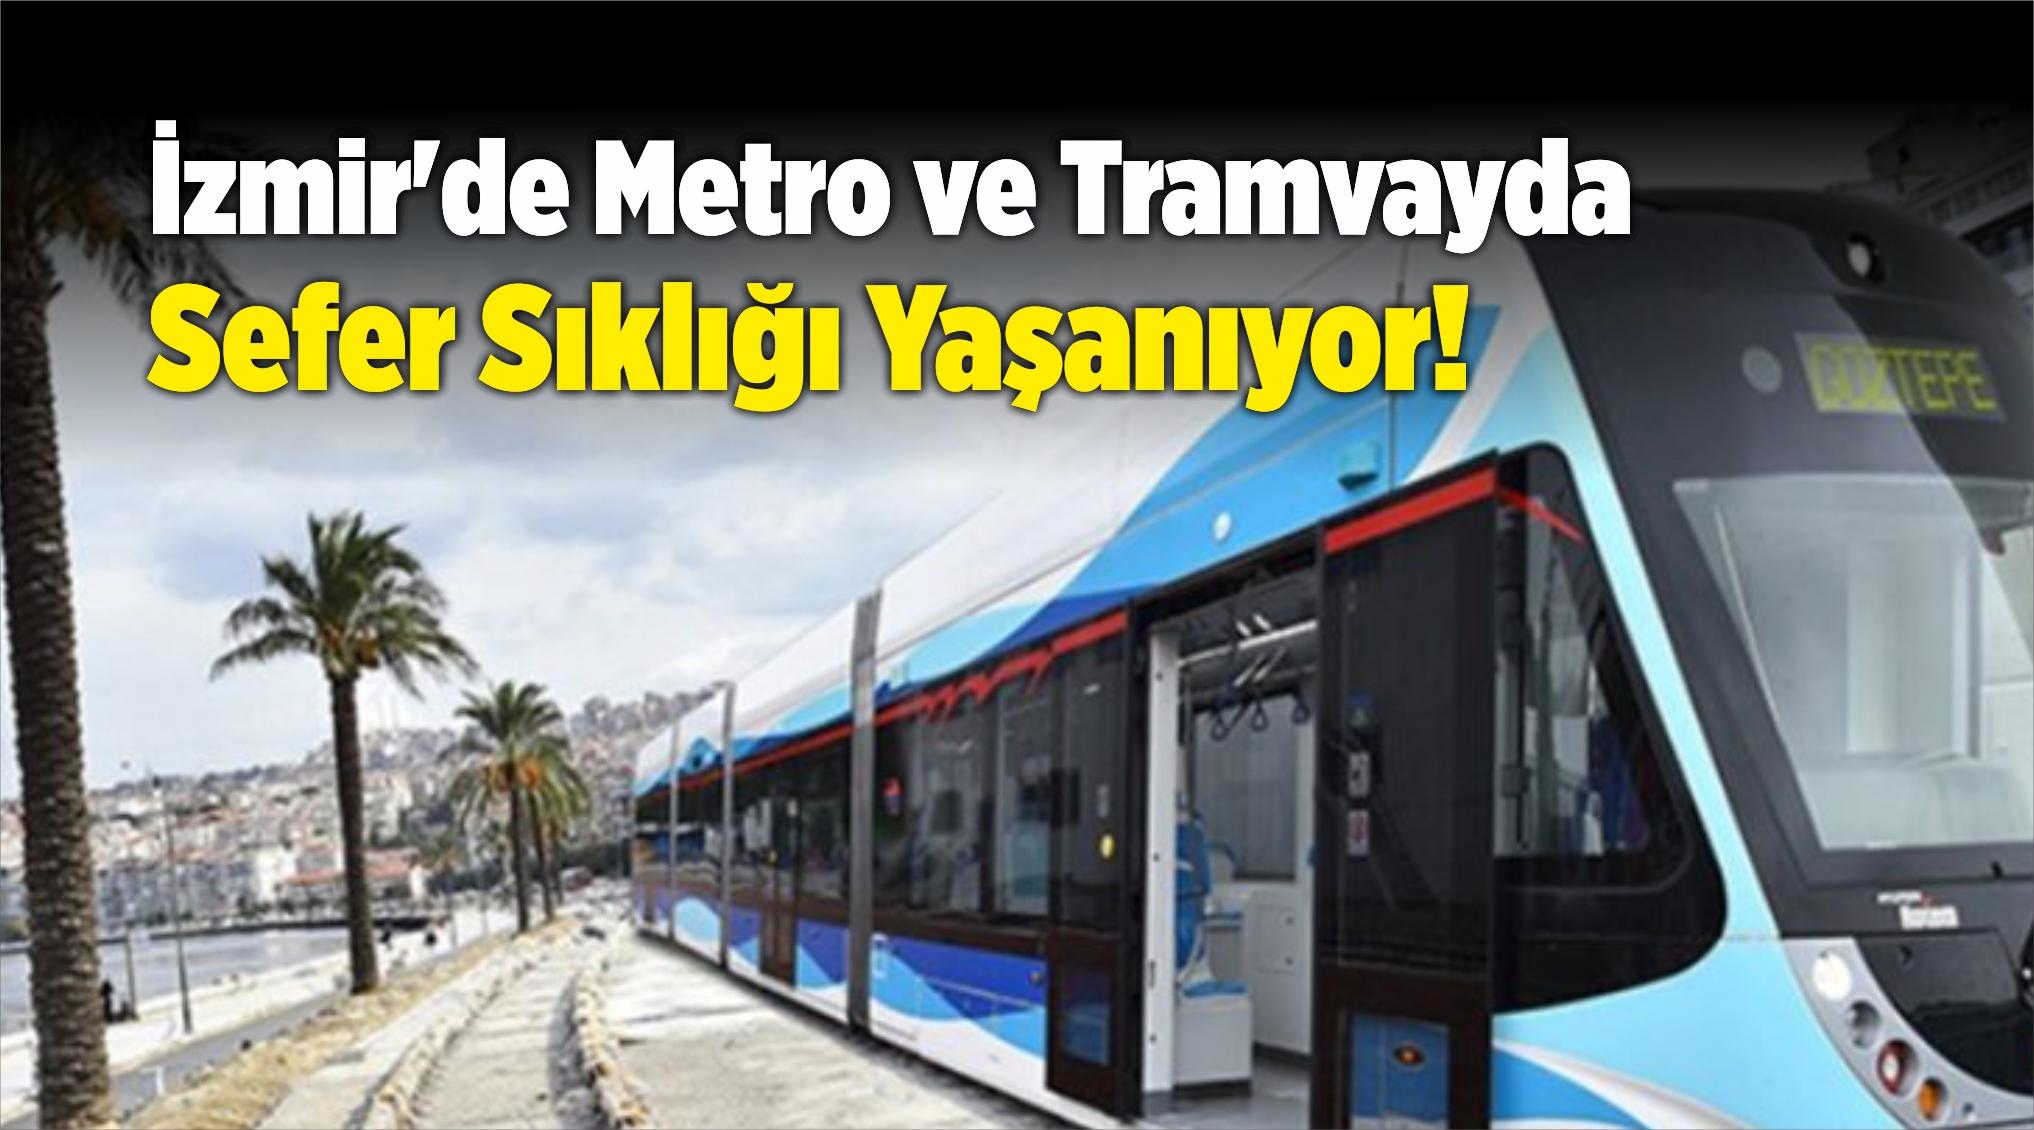 İzmir'de Metro ve Tramvayda Sefer Sıklığı Yaşanıyor!